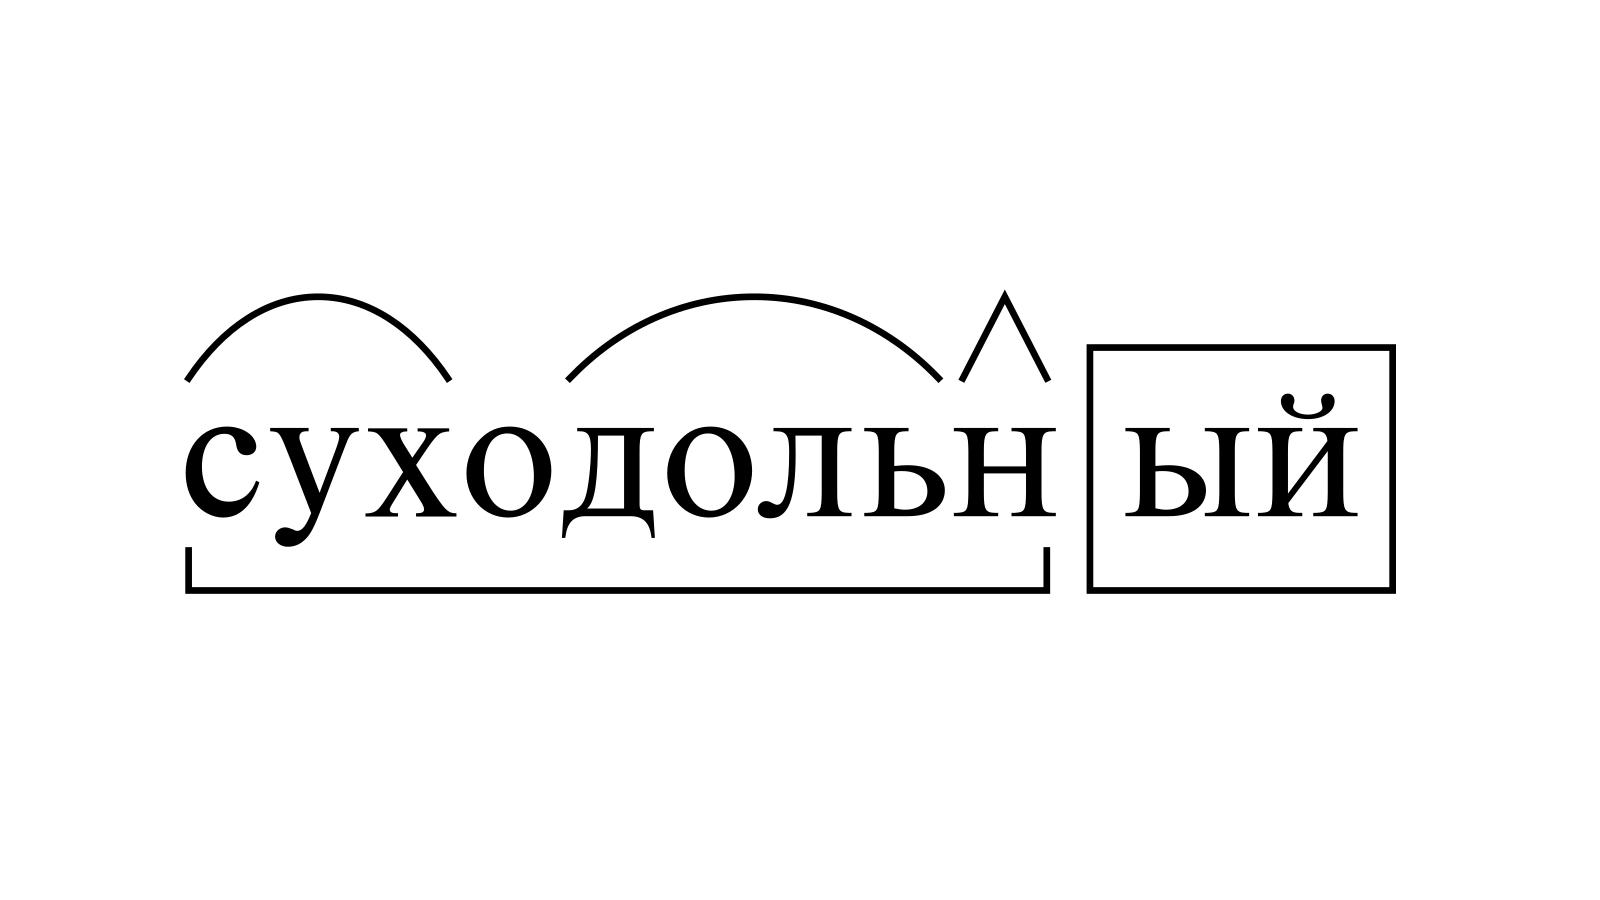 Разбор слова «суходольный» по составу